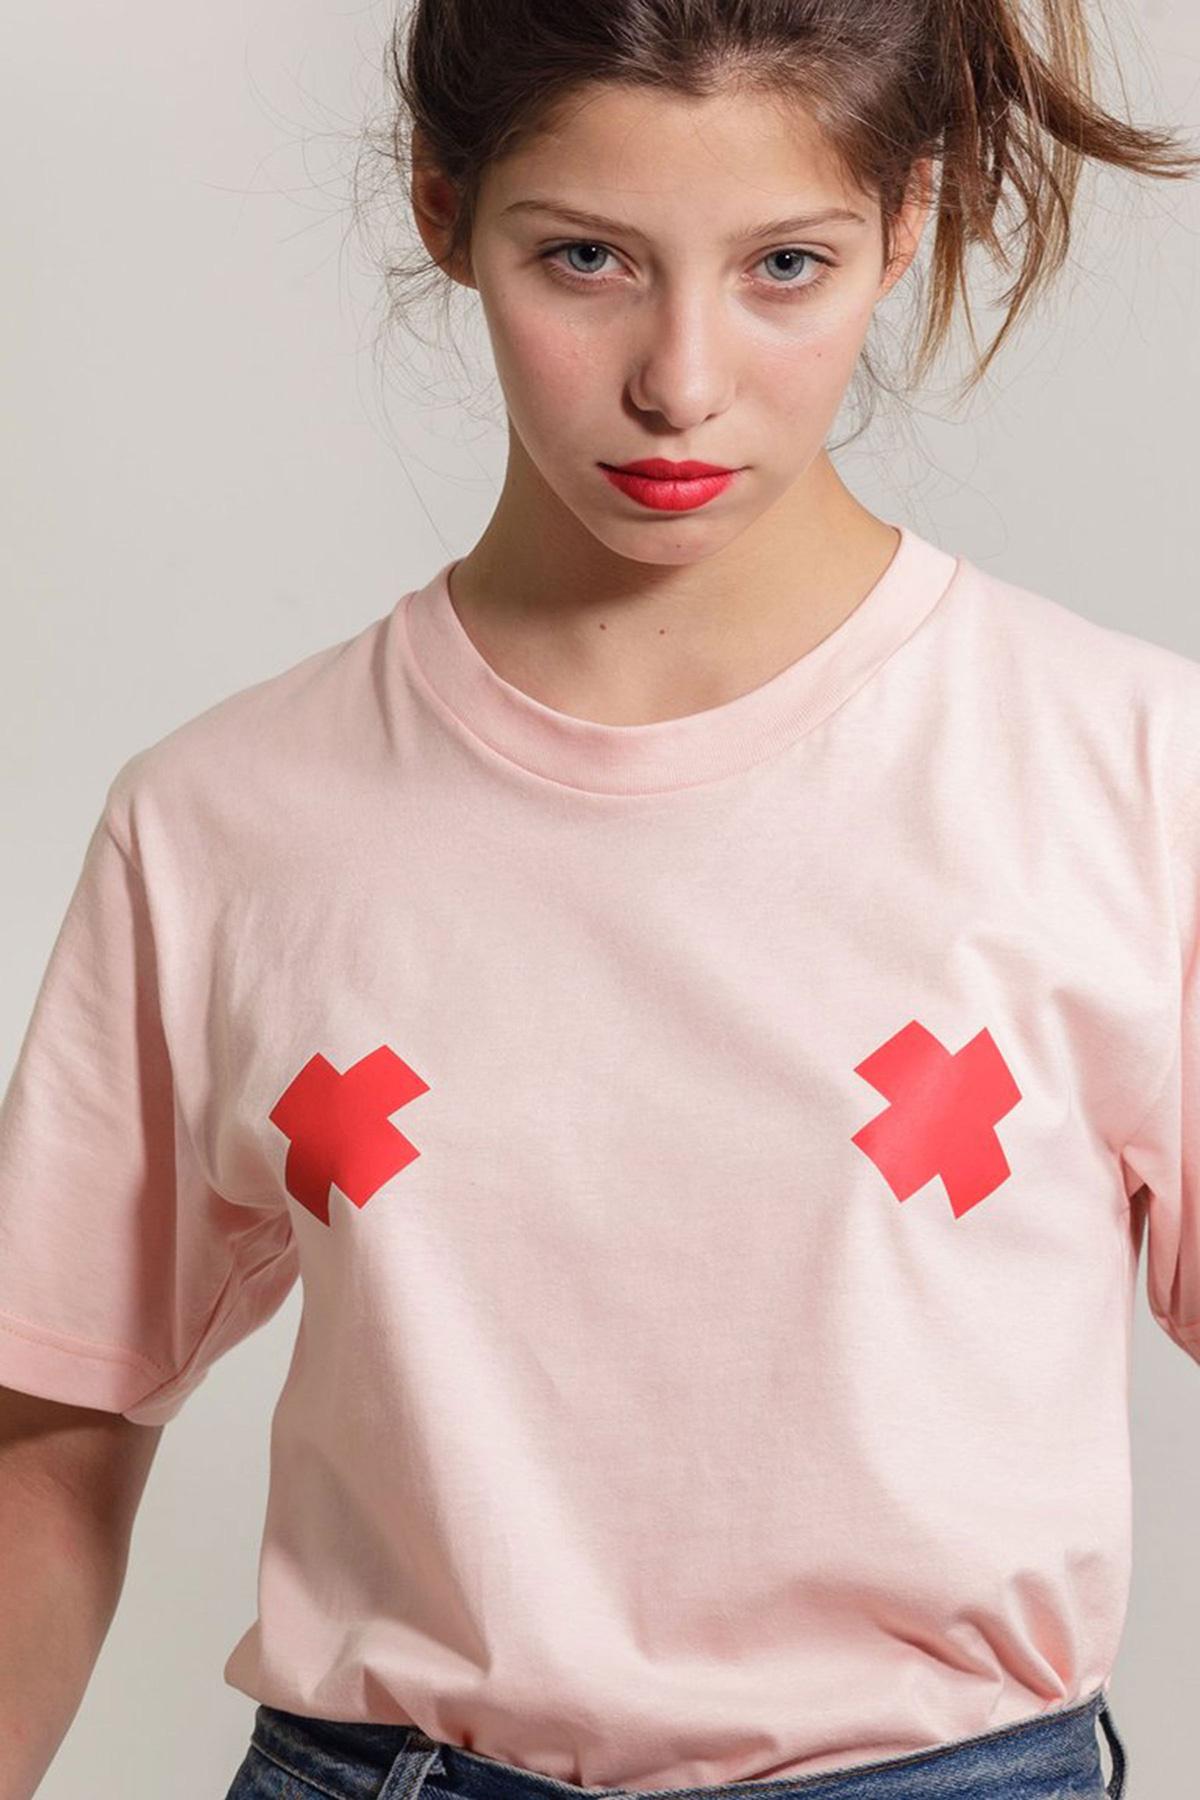 Contra la sexualización del cuerpo femenino, estos diseños ironizan...